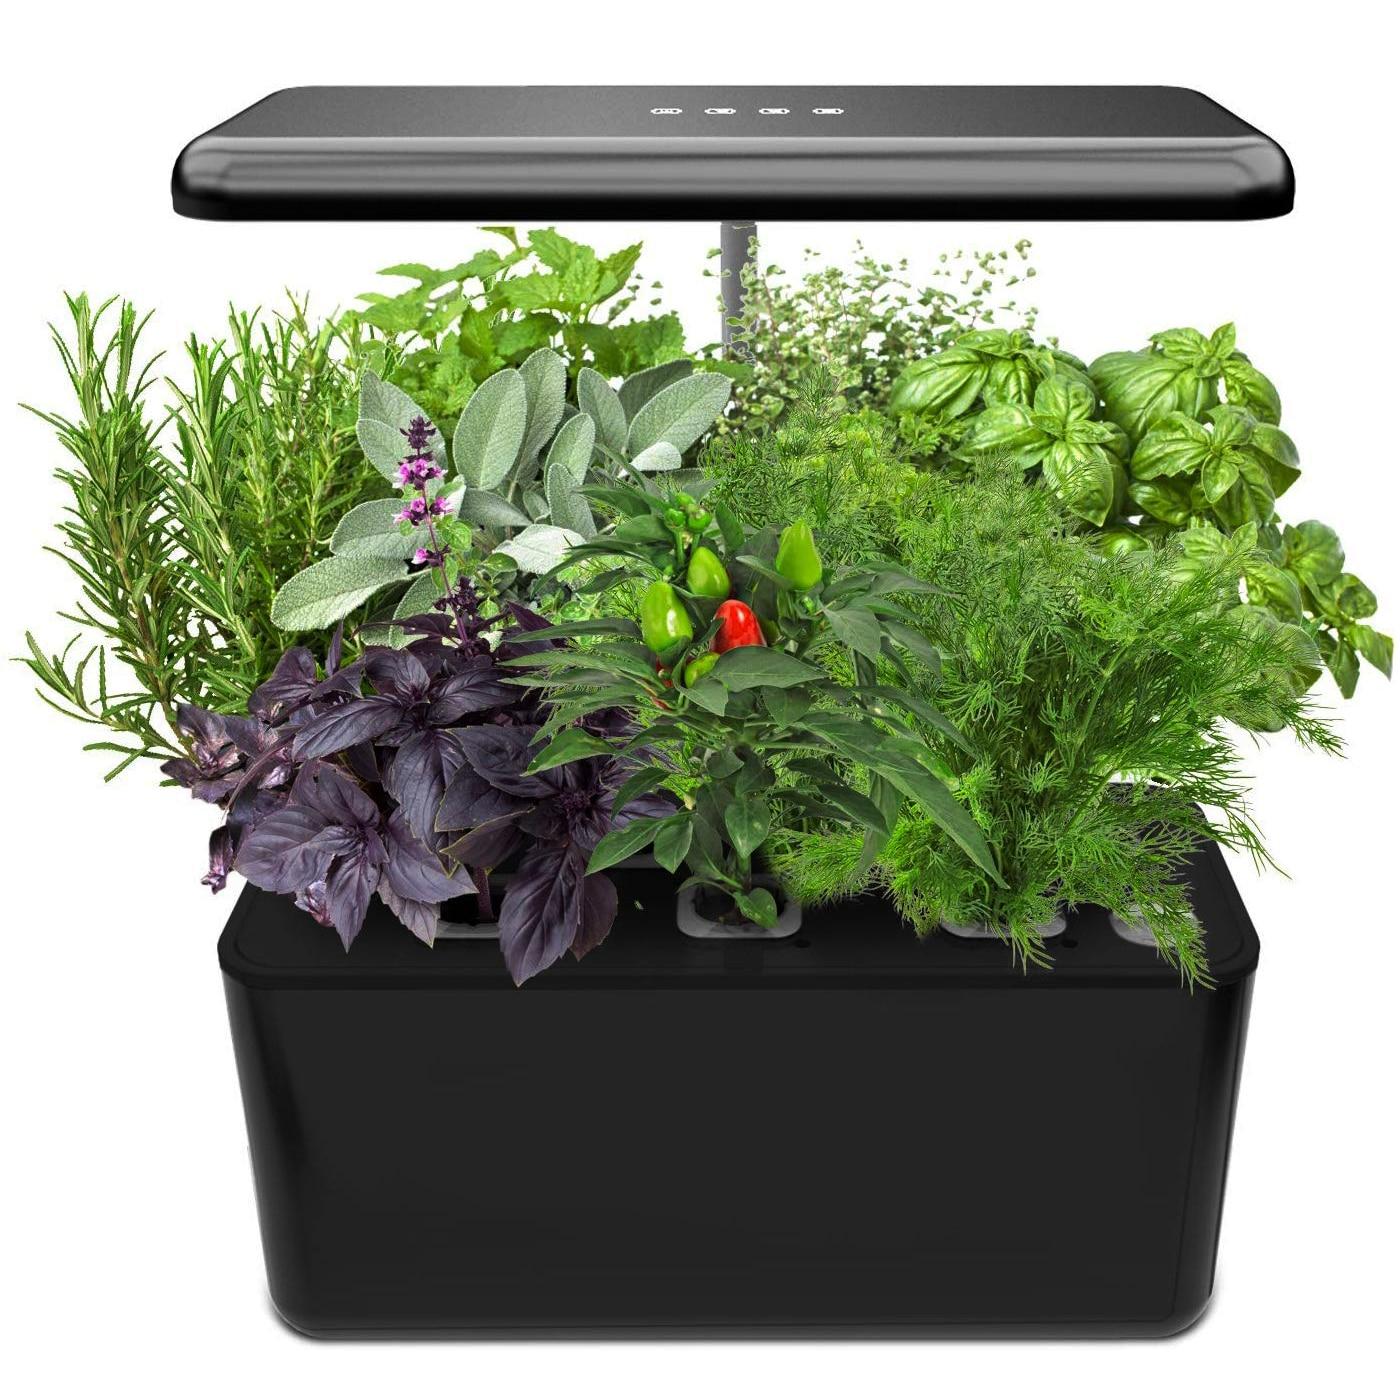 Hidroponia que cresce o sistema, jogo interno do acionador de partida do jardim da erva com diodo emissor de luz cresce a luz, plantador esperto do jardim para a cozinha de casa, automático|Vasos|   -